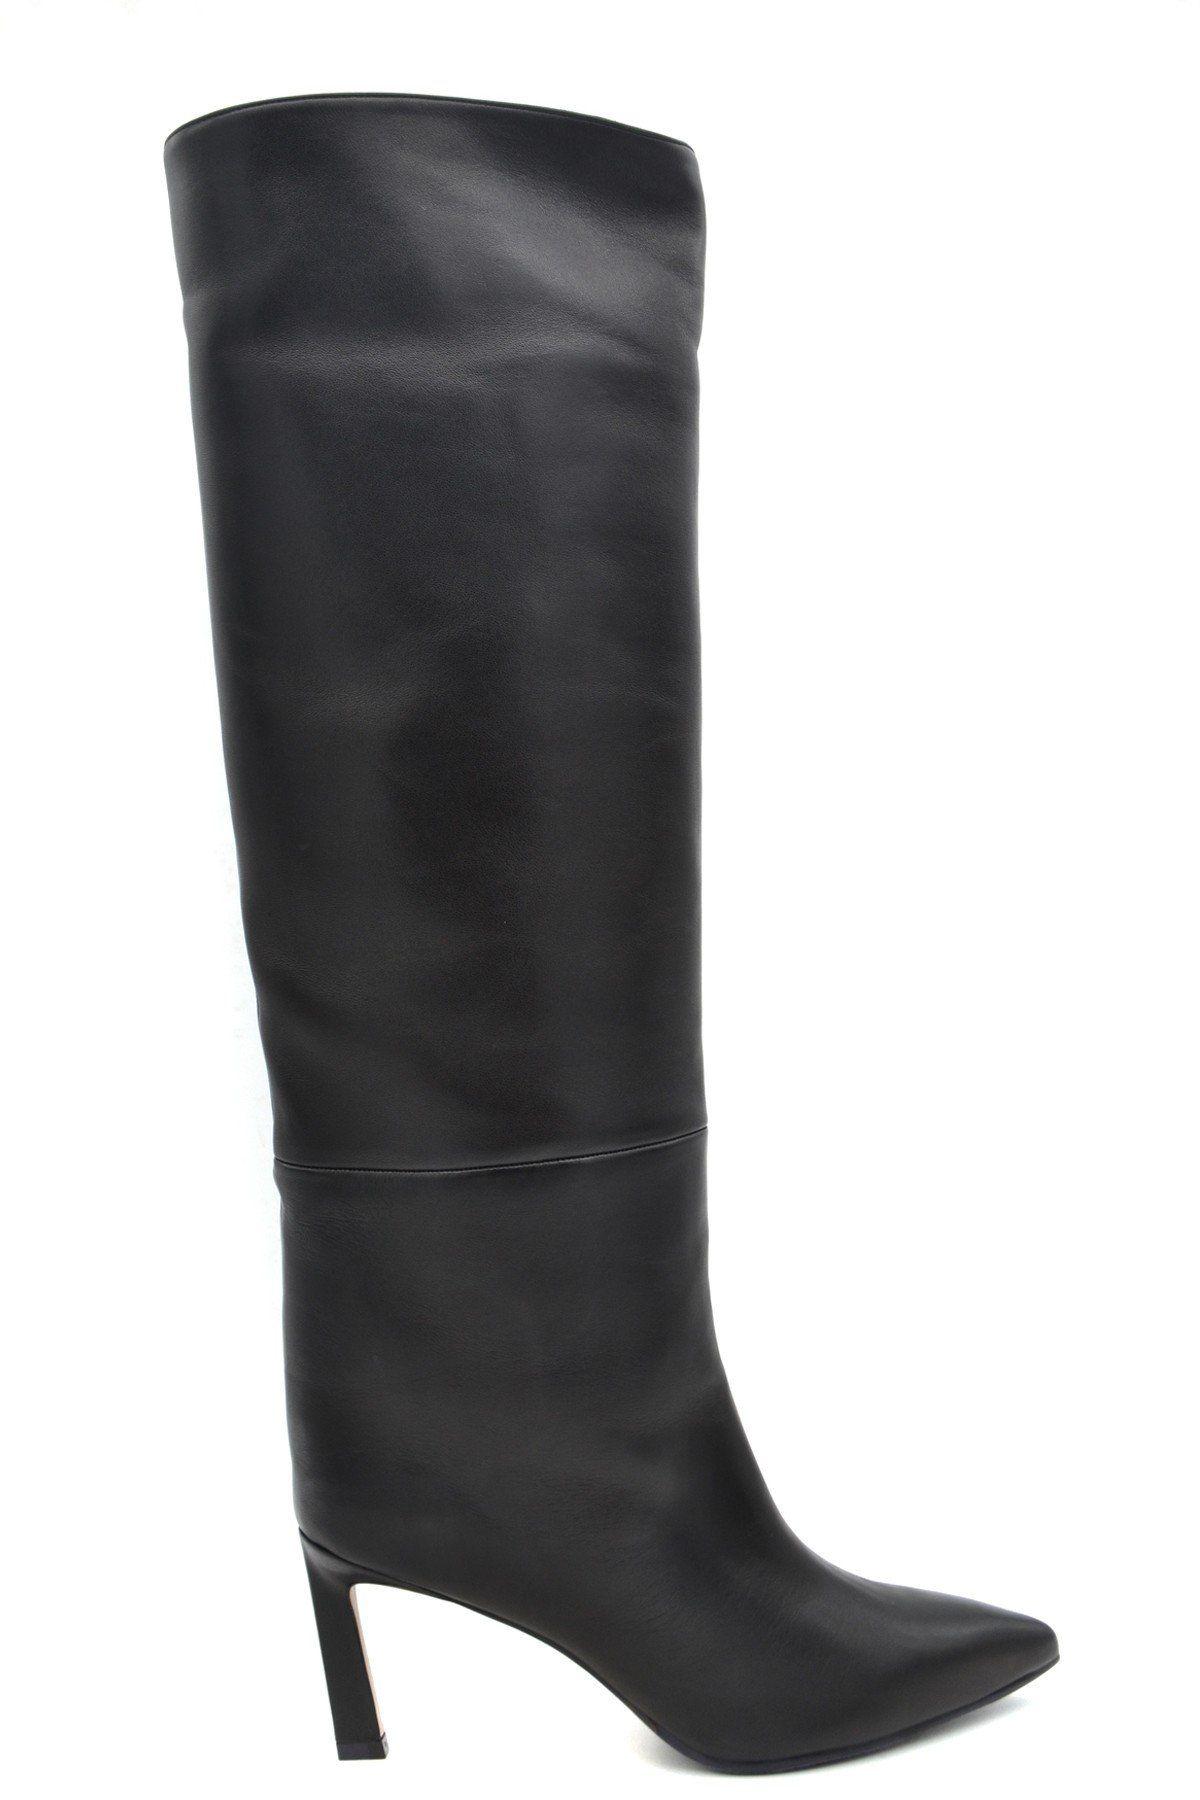 Stuart Weitzman Women's Boots In Black